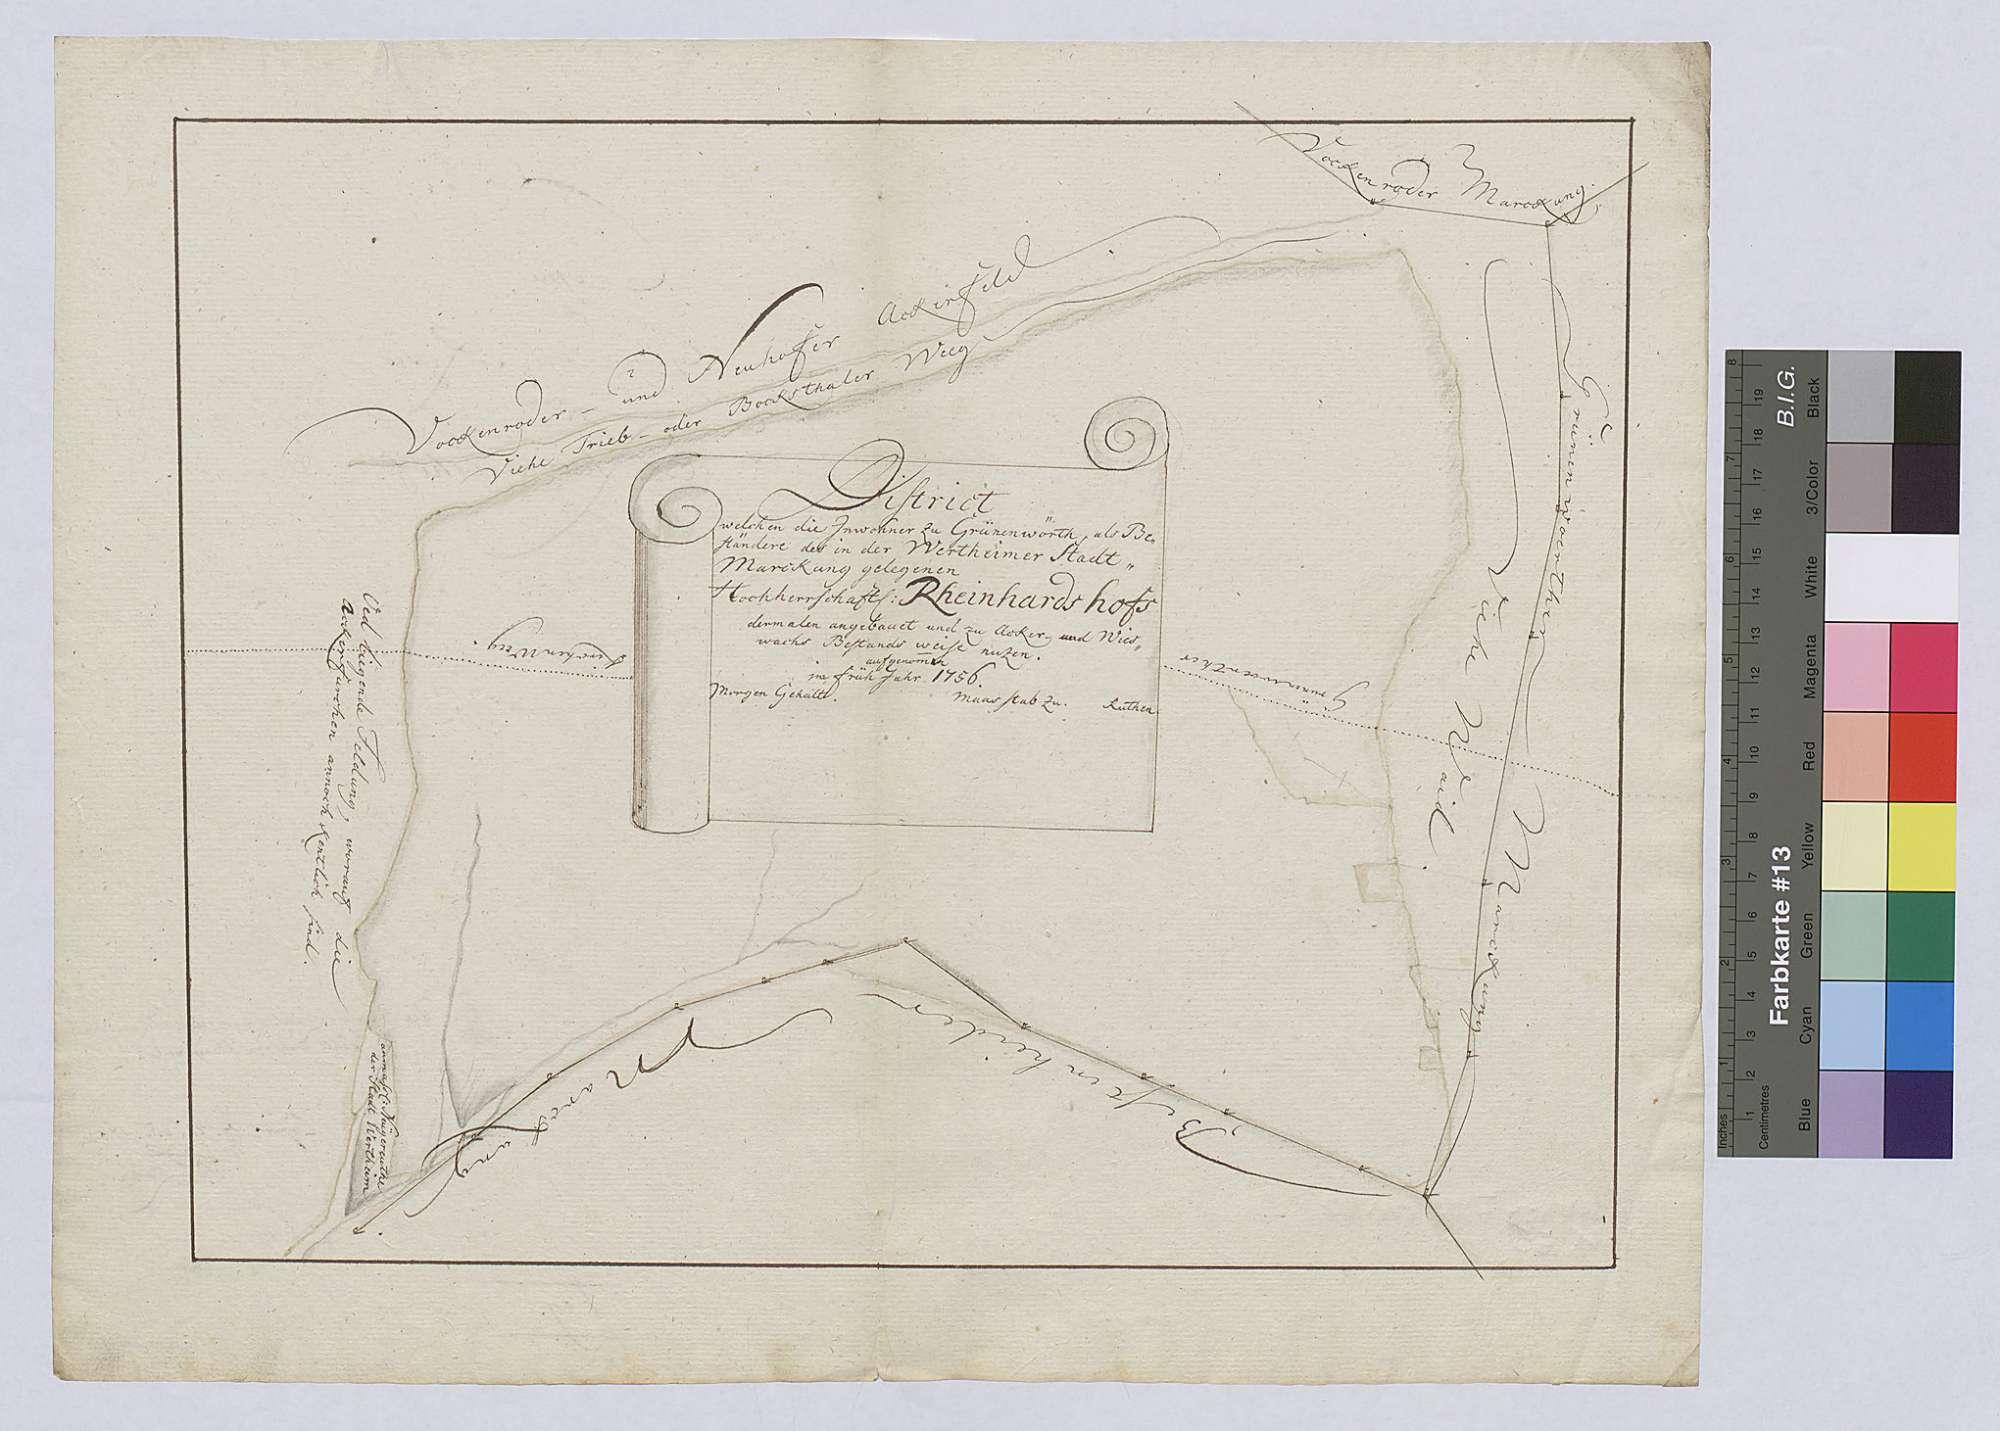 Streitigkeiten mit der Stadt Wertheim über die Grenzen des Neuhofs und des Reinhardshofes wegen der Wüstungen, Bild 1